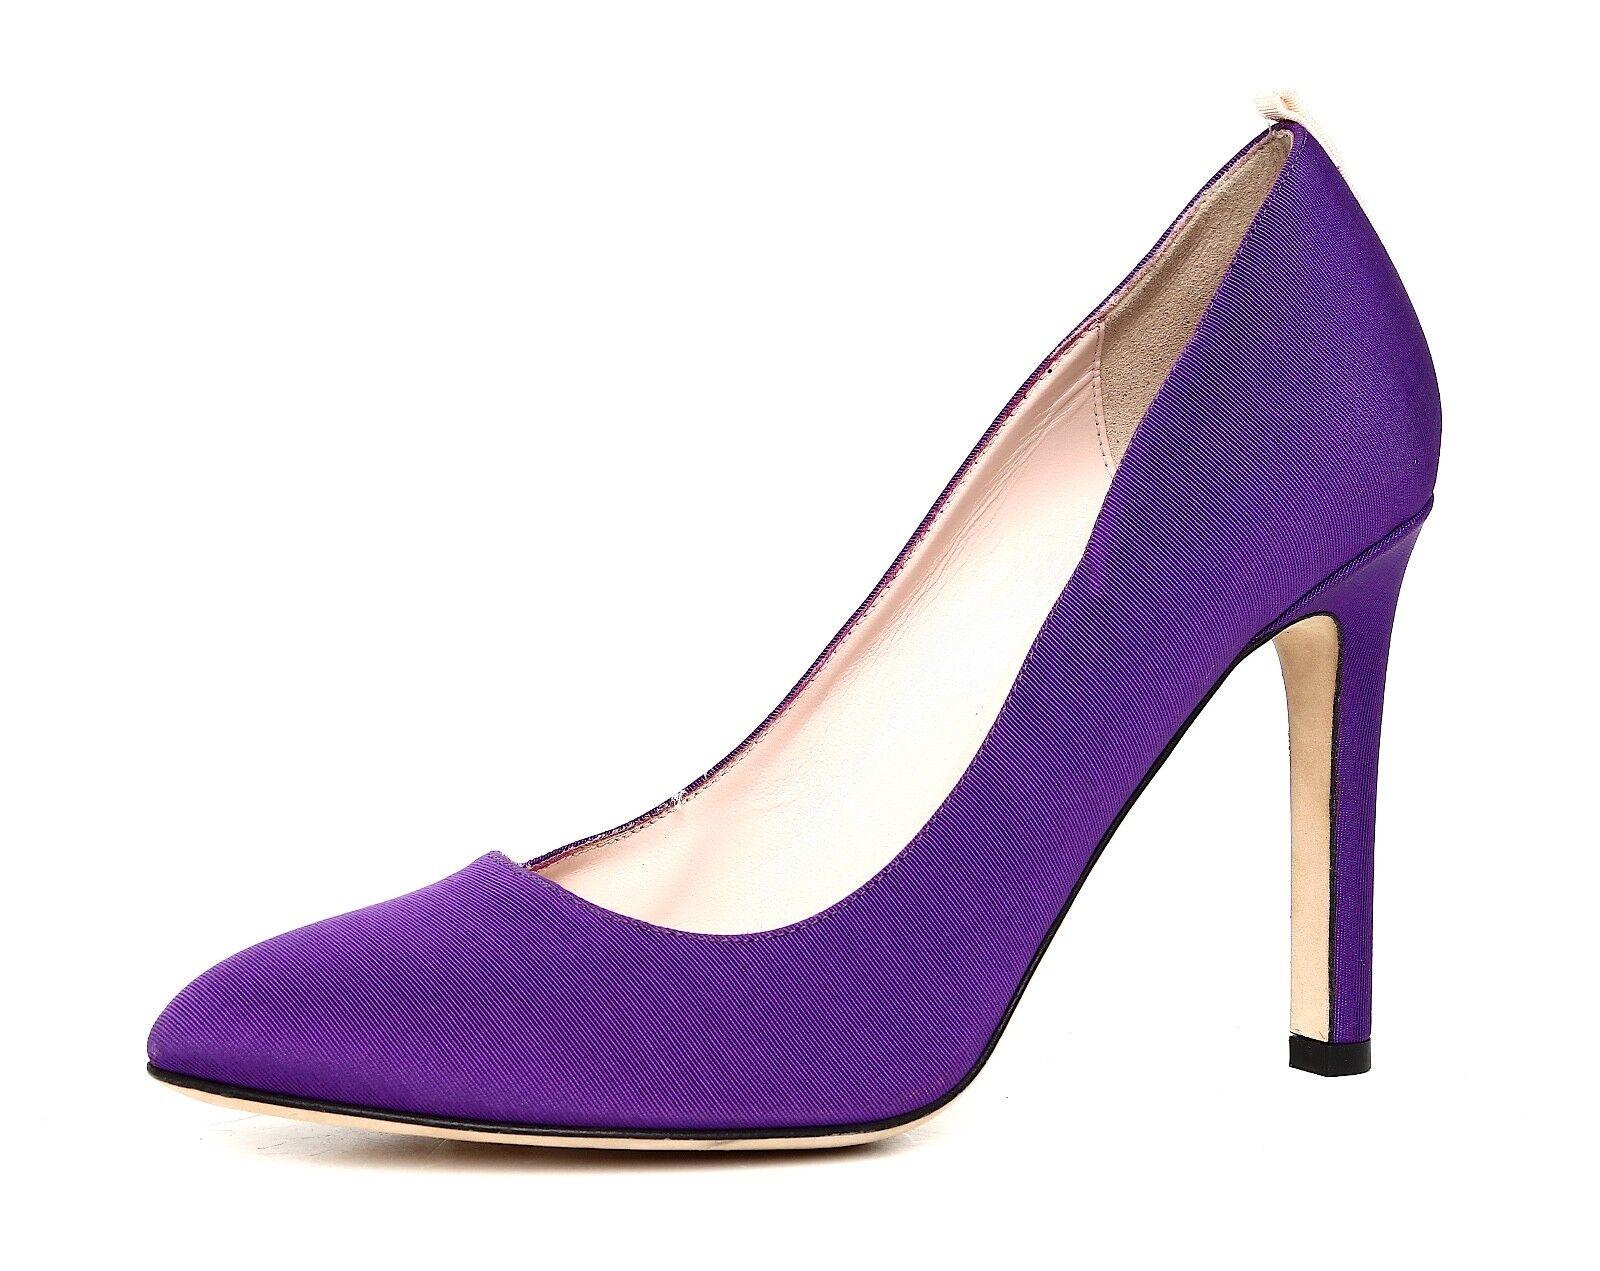 Sarah Jessica Parker Lady Pump Purple Donna Sz 37.5 EUR 1625